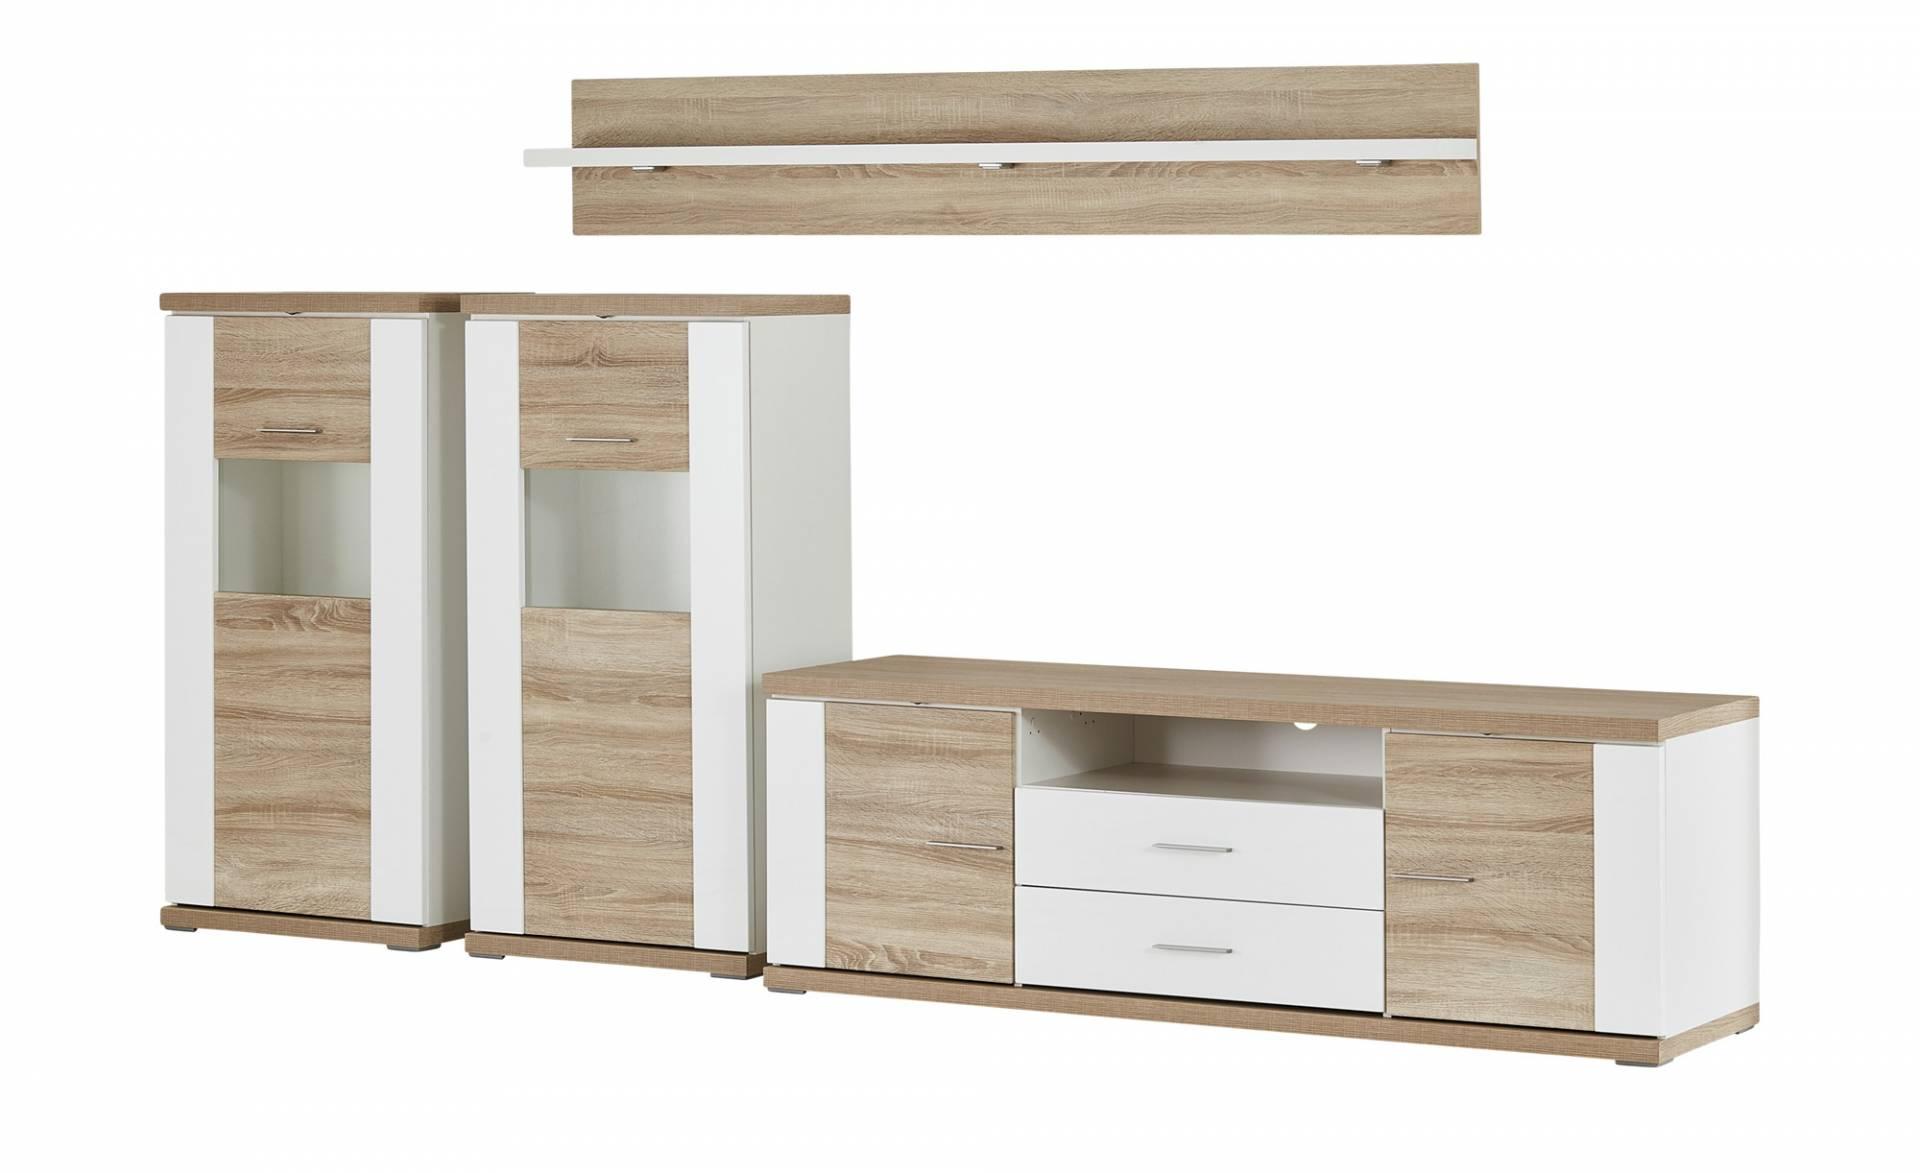 wohnw nde und weitere m bel bei m bel h ffner g nstig online kaufen bei m bel garten. Black Bedroom Furniture Sets. Home Design Ideas